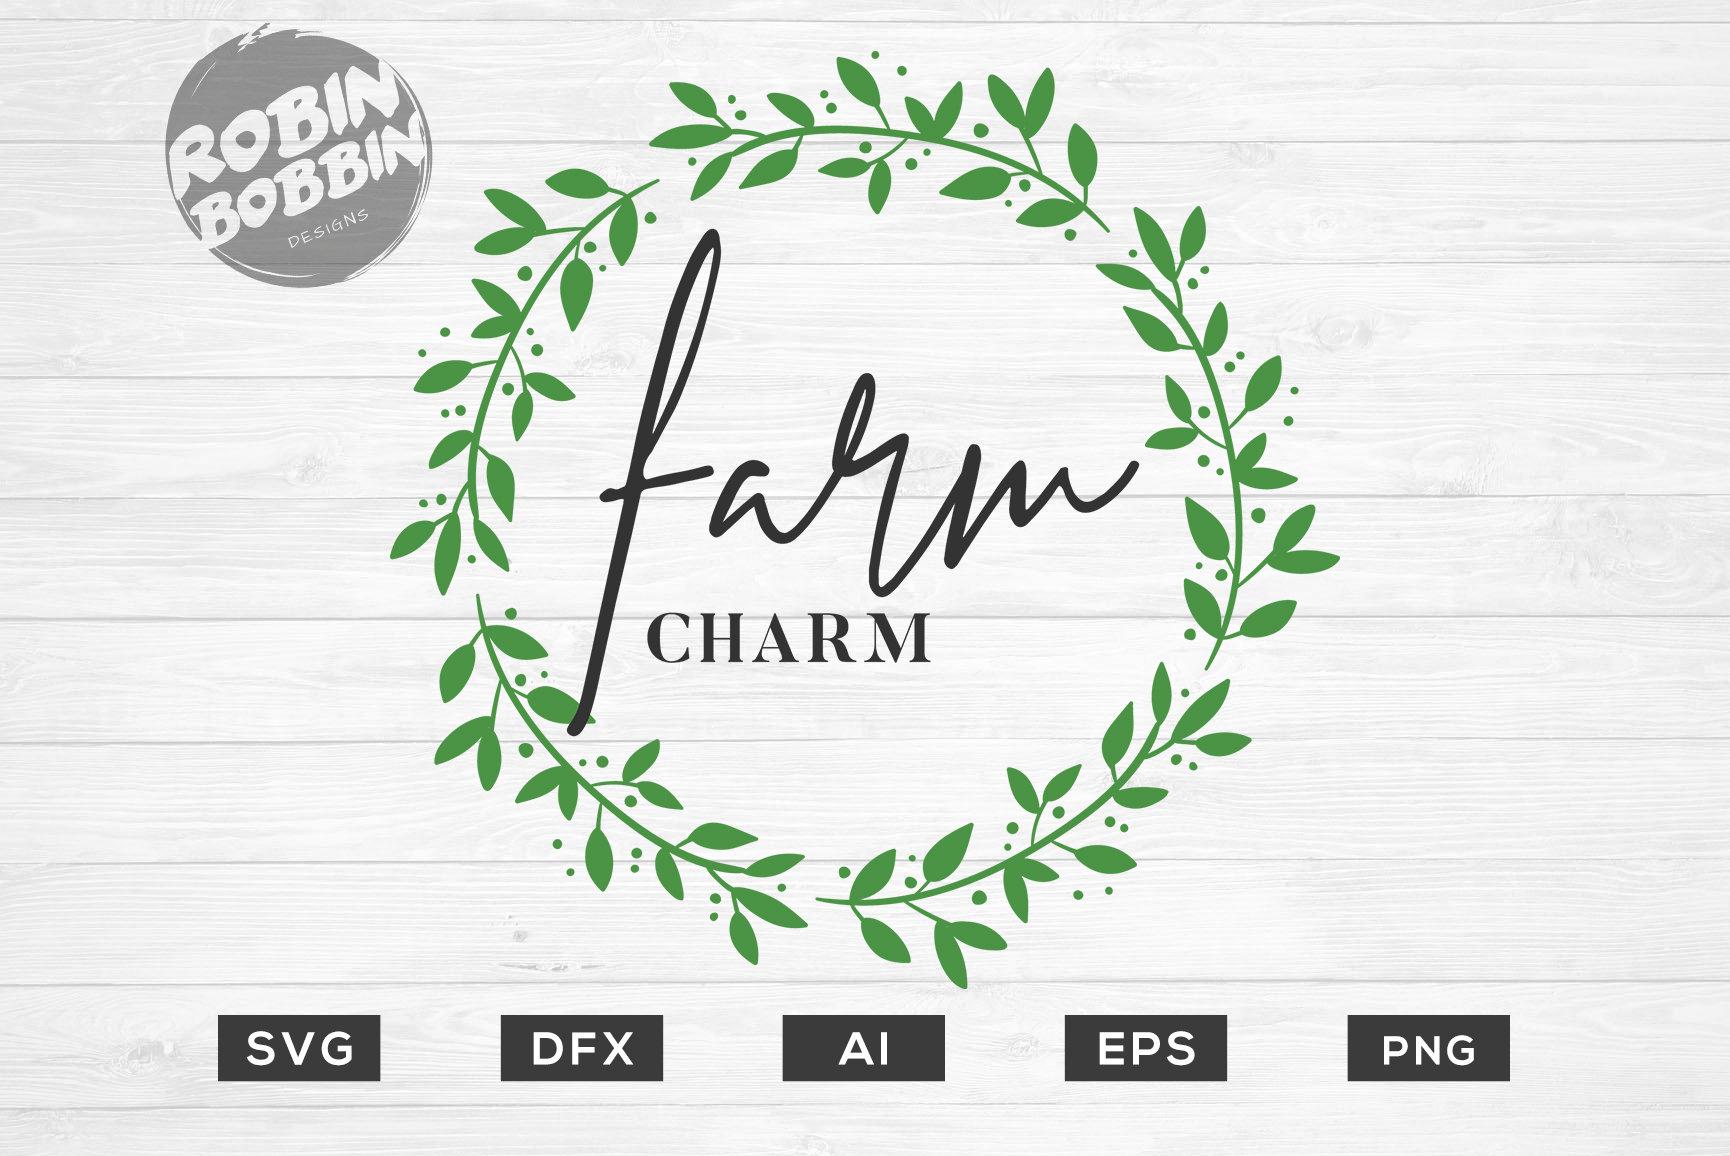 Fram Charm Svg Wedding Svg Wreath Svg Rustic Wreath Svg Etsy